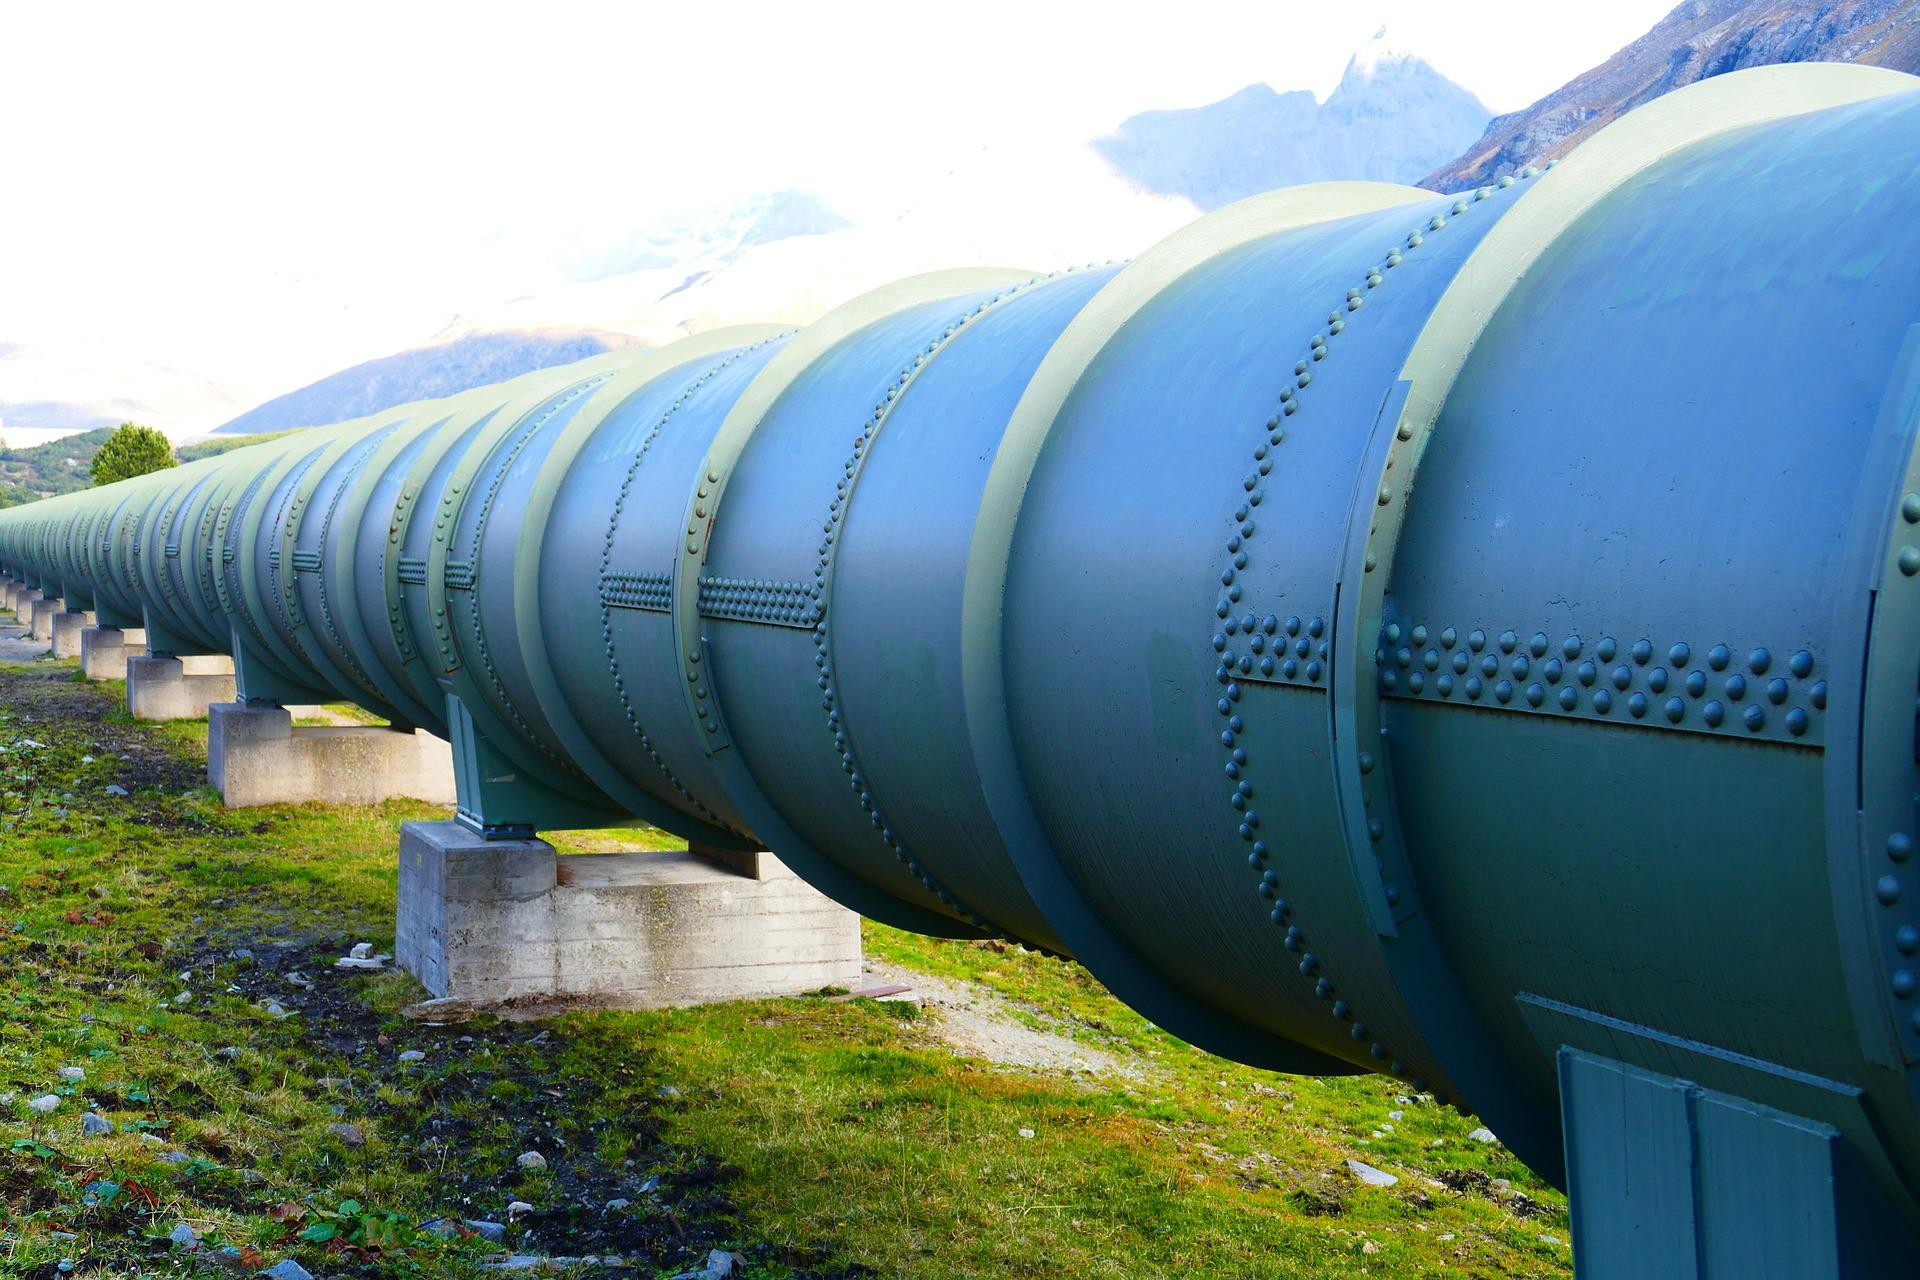 LVS bude 21. a 22. apríla vykonávať rozsiahlu údržbu vodovodnej siete